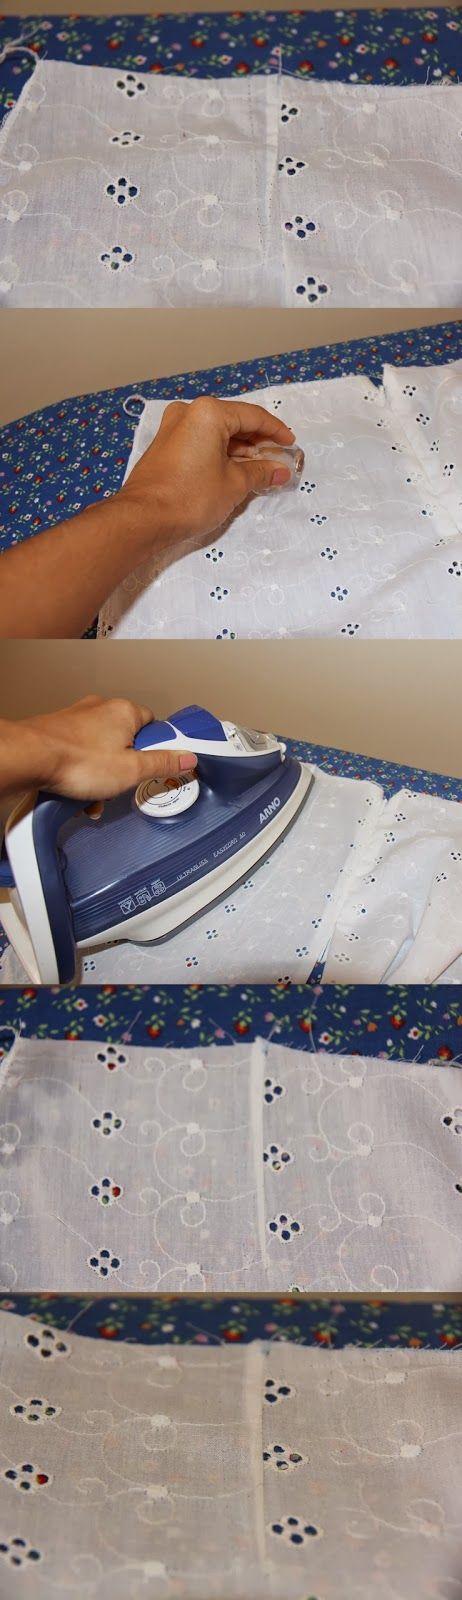 Como disfarçar os furinhos daquela costura que você teve que desfazer e ficou bem visível? Isso vale para tecido de algodão e até mesmo a m...